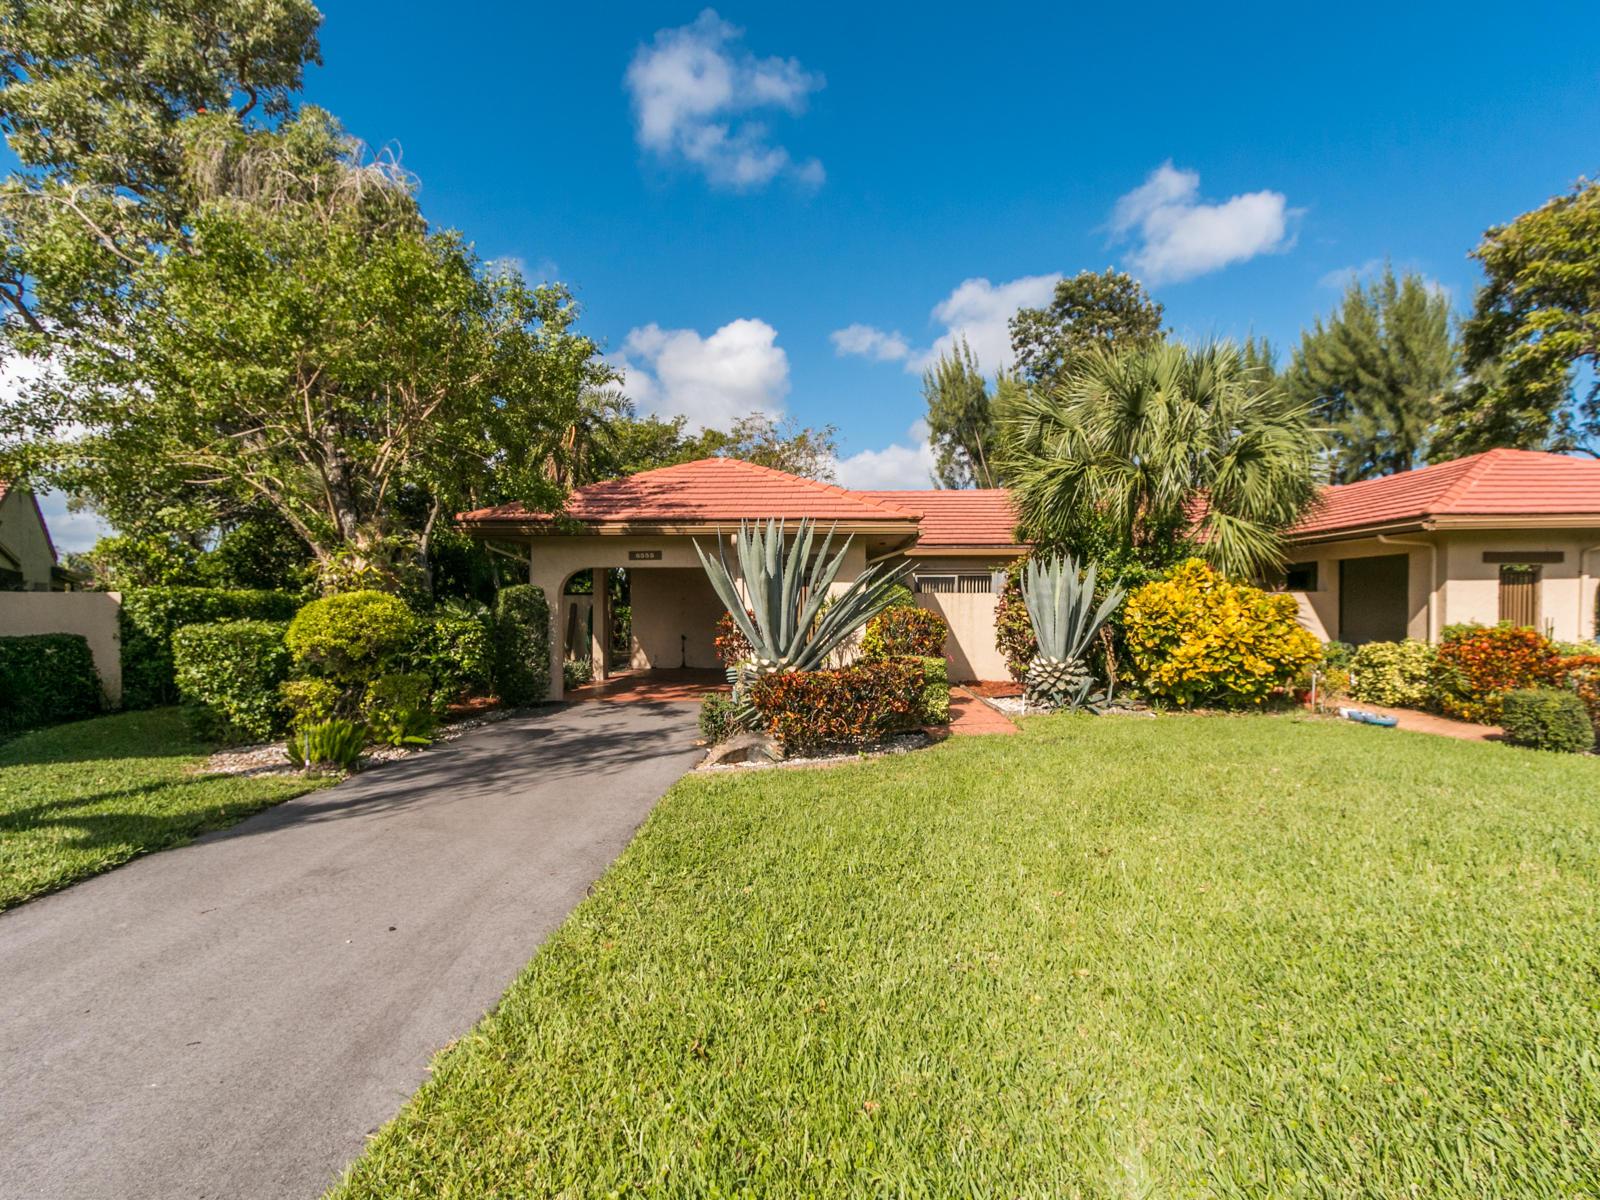 Photo of 8555 Casa Del Lago #40-A, Boca Raton, FL 33433